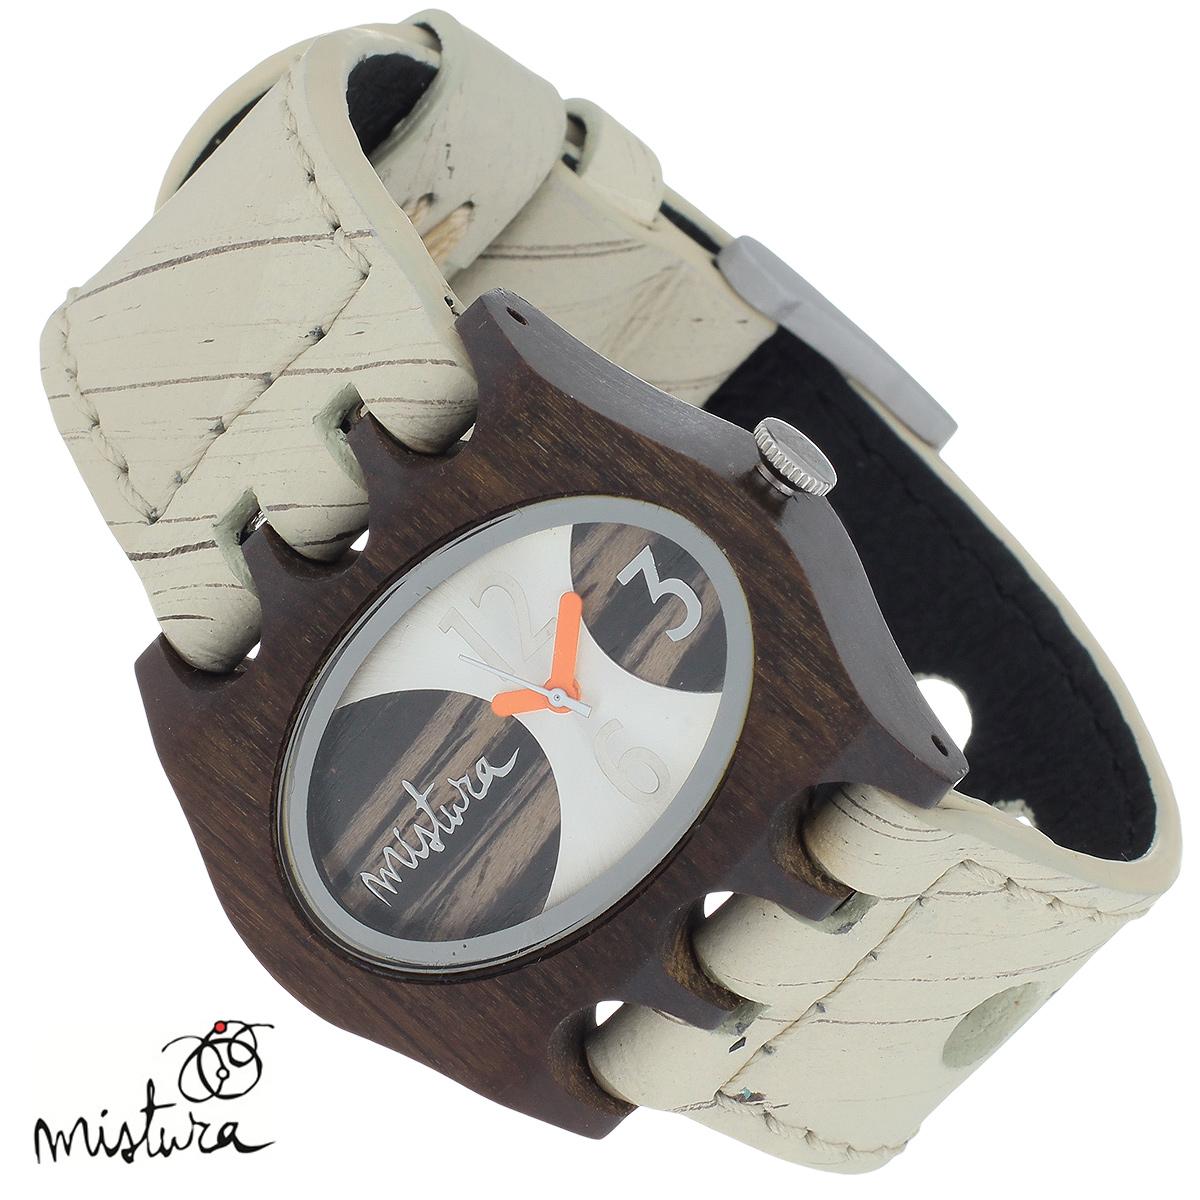 Часы наручные Mistura Kamera, цвет: бежевый. TP09005HLPUEBWDTP09005HLPUEBWDНаручные часы Mistura благодаря своему эксклюзивному дизайну позволят вам выделиться из толпы и подчеркнуть свою индивидуальность. Для изготовления корпуса часов используется древесина тропических лесов Колумбии с применением индивидуальных методов ее обработки. Дизайн выполняется вручную. Часы оснащены японским кварцевым механизмом MIYOTA. Широкий ремешок из натуральной кожи с фактурной поверхностью оформлен декоративной отстрочкой, застегивается на застежку с деревянным язычком. Корпус часов изготовлен из дерева пуи. Циферблат оформлен отметками и арабскими цифрами и защищен минеральным стеклом. Часы имеют функцию защиты от брызг, вы можете находиться в них под дождем в течение недолгого времени. Изделие упаковано в фирменную коробку с логотипом компании Mistura. Часы марки Mistura идеально подходят молодым и уверенным в себе людям, ценящим качество, практичность и индивидуальность в каждой детали. Каждая модель оснащена оригинальным...